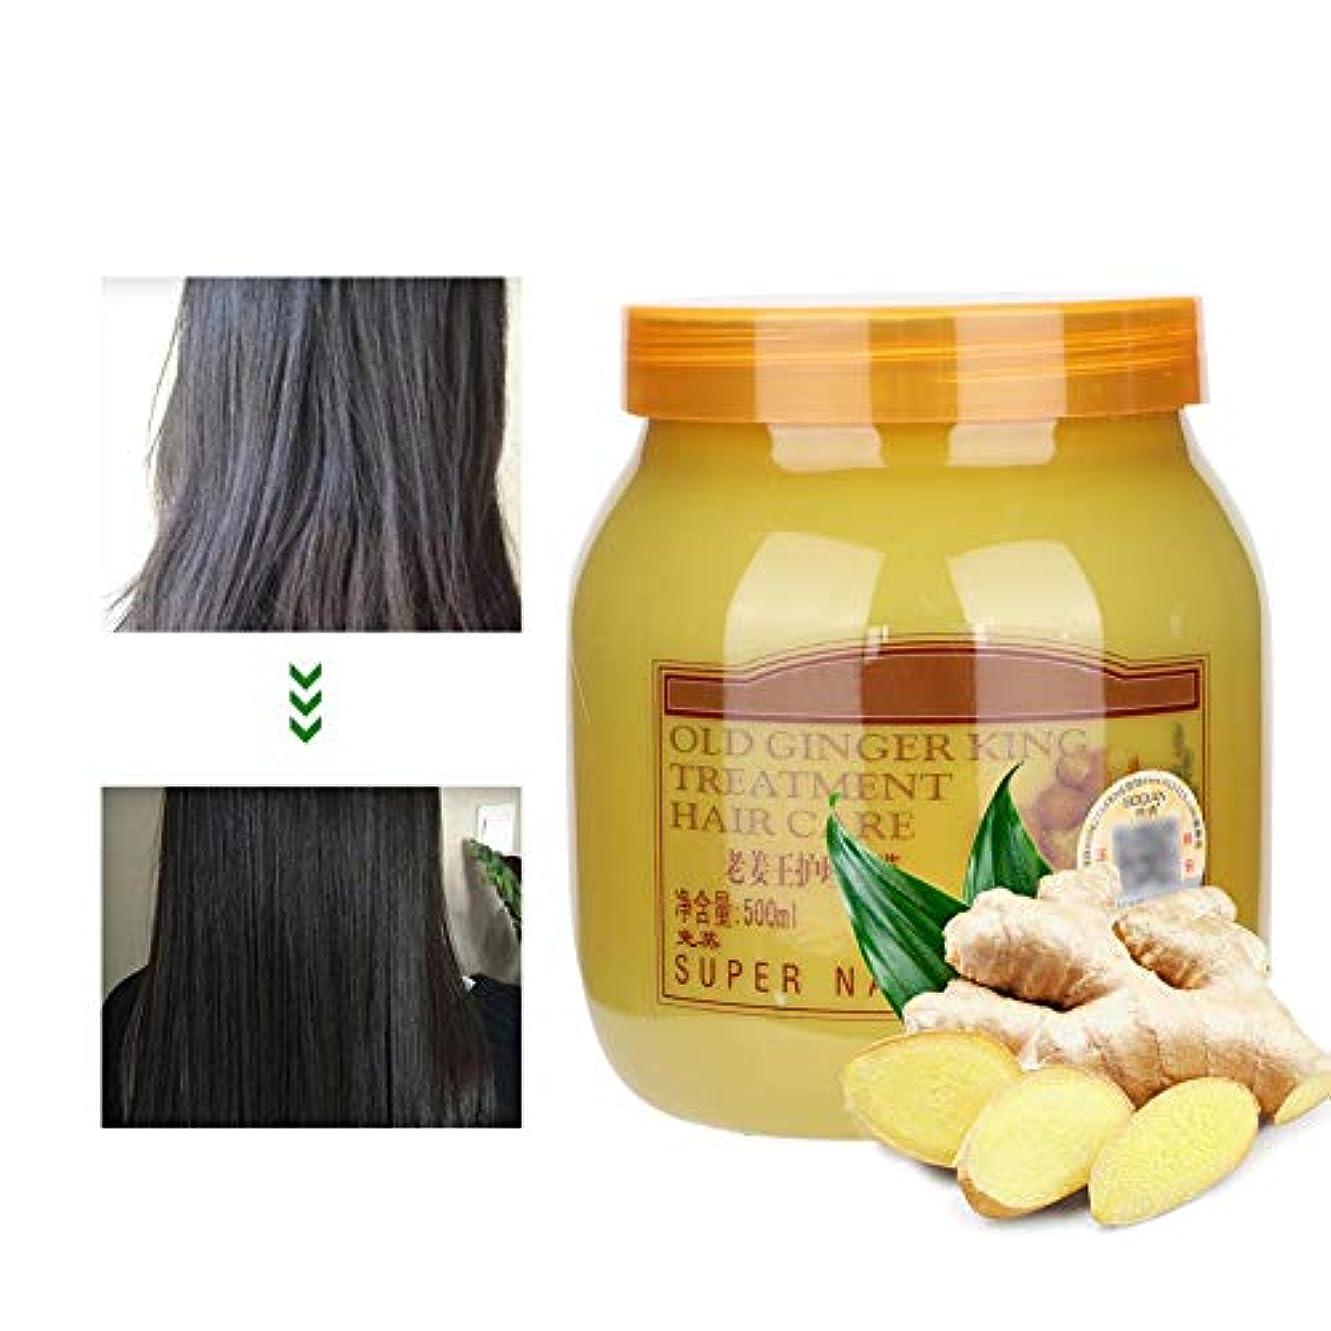 質素なバックグラウンド気怠いジンジャーヘアコンディショナー ディープコンディショニングヘア用のリッチエッセンスヘアケアマスク 毛先の改善 髪の損傷の修復と脱毛の改善、光沢の増加と縮れの軽減